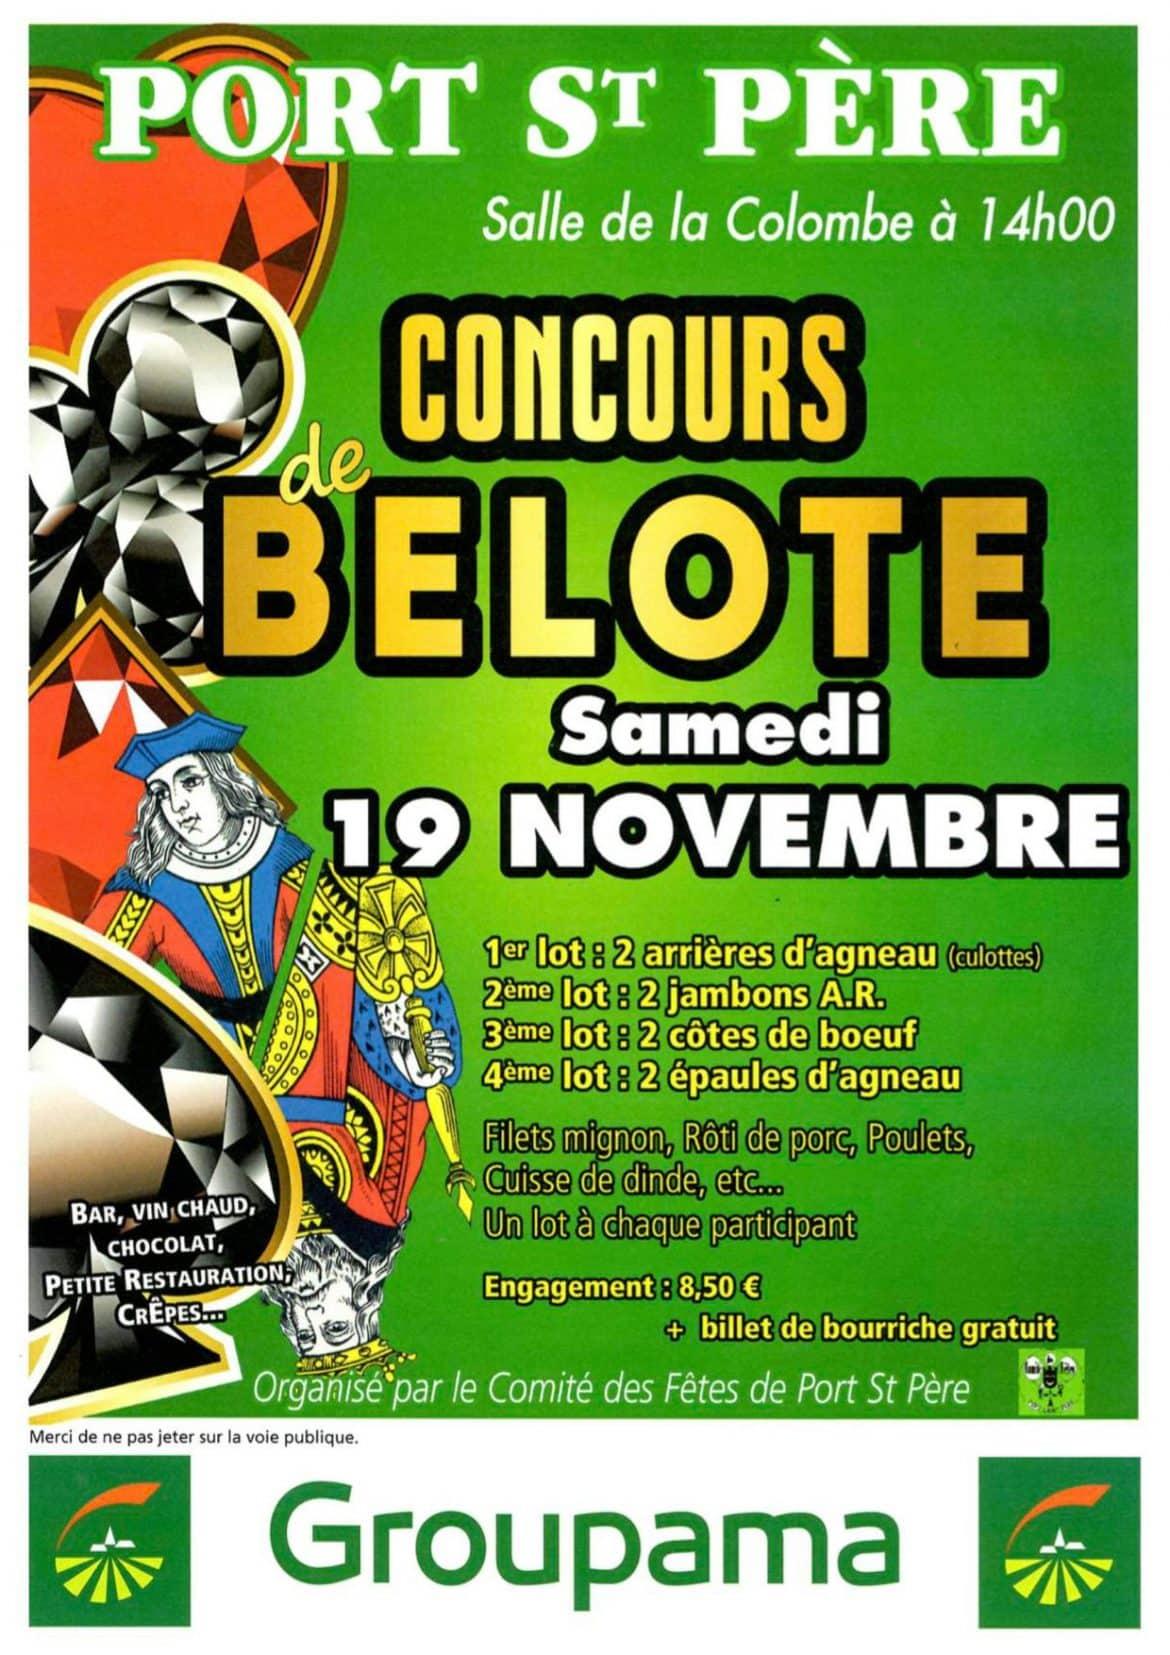 Affiche Concours de belote le 19 Novembre 2016 à Port st Père